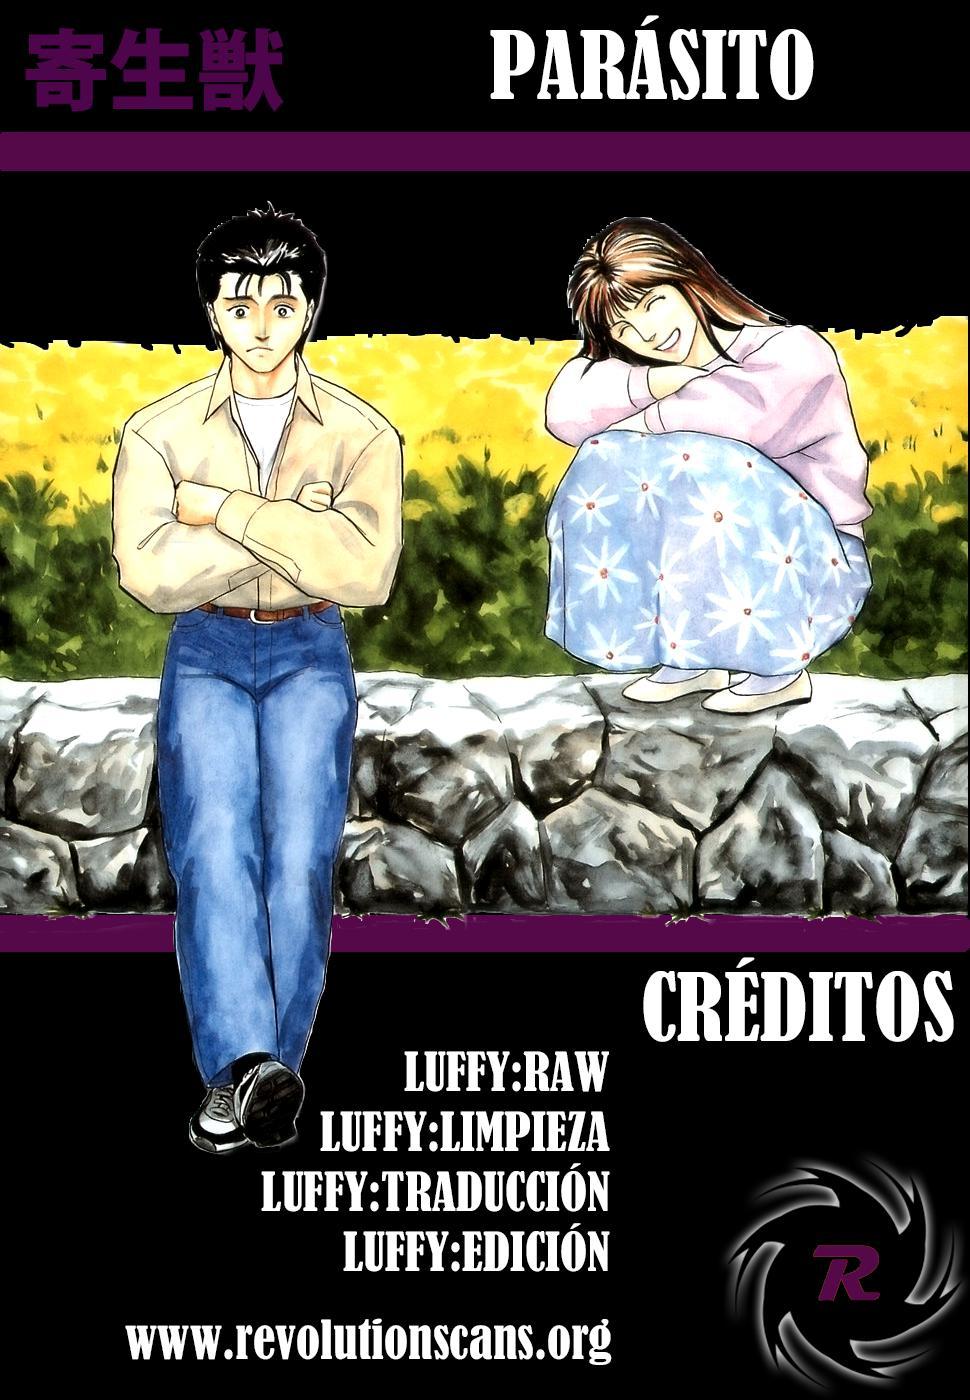 https://c5.ninemanga.com/es_manga/62/17214/414975/21ad1ab81ab86bc1f0a28494155ca096.jpg Page 1